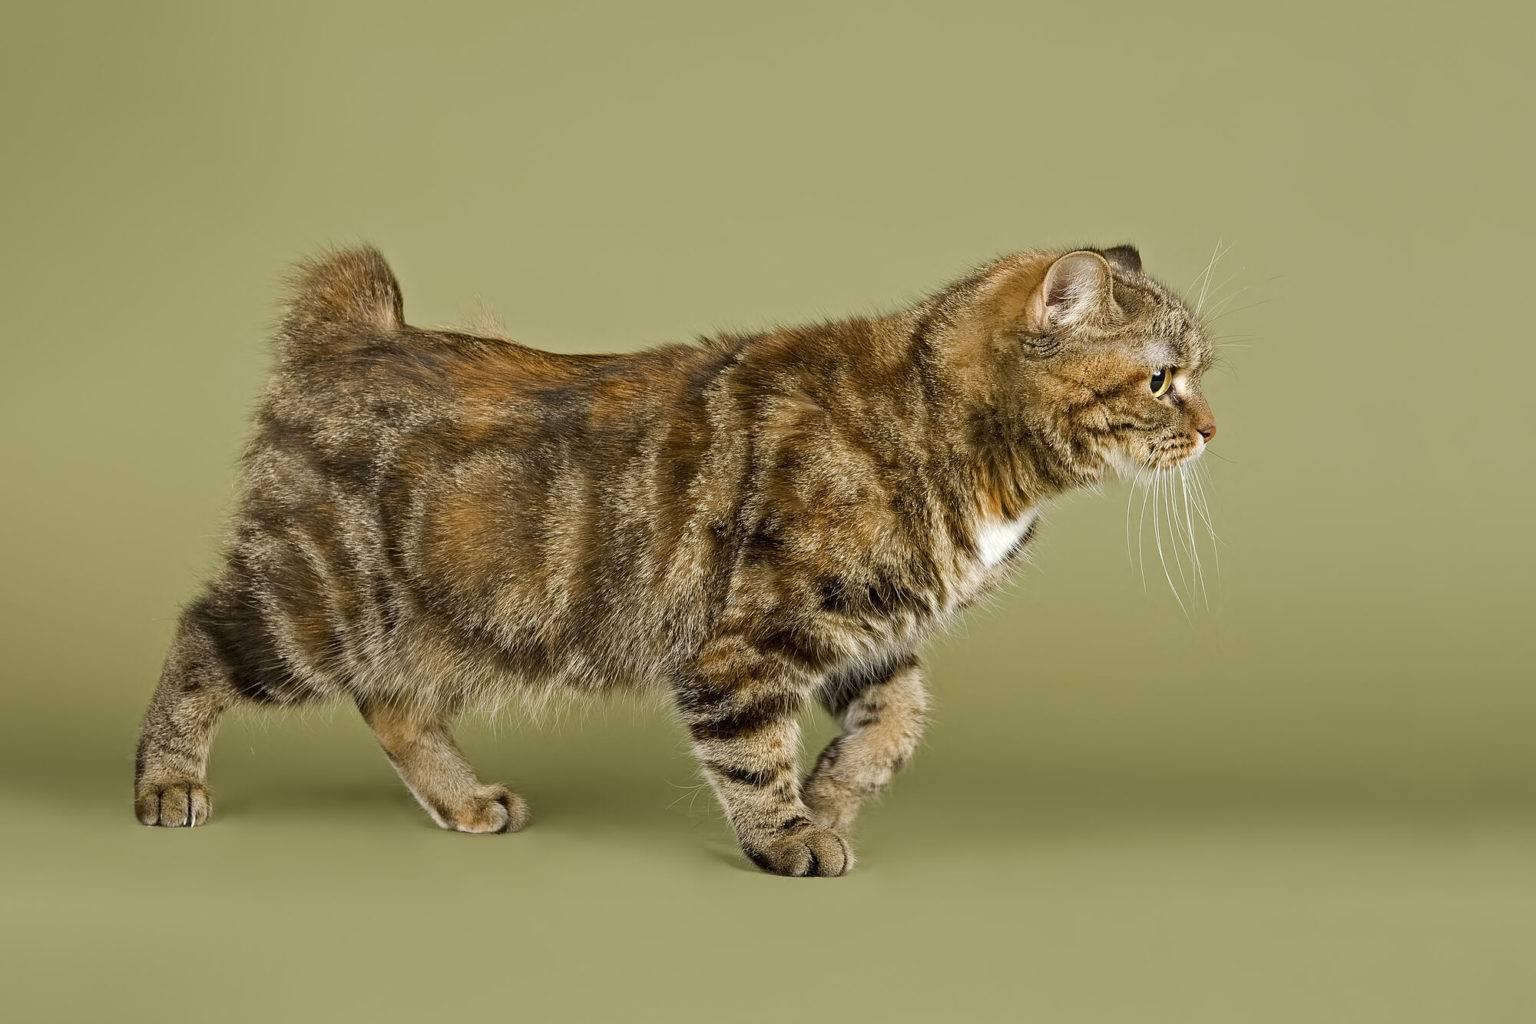 Американский бобтейл: описание короткошерстной породы кошек сша